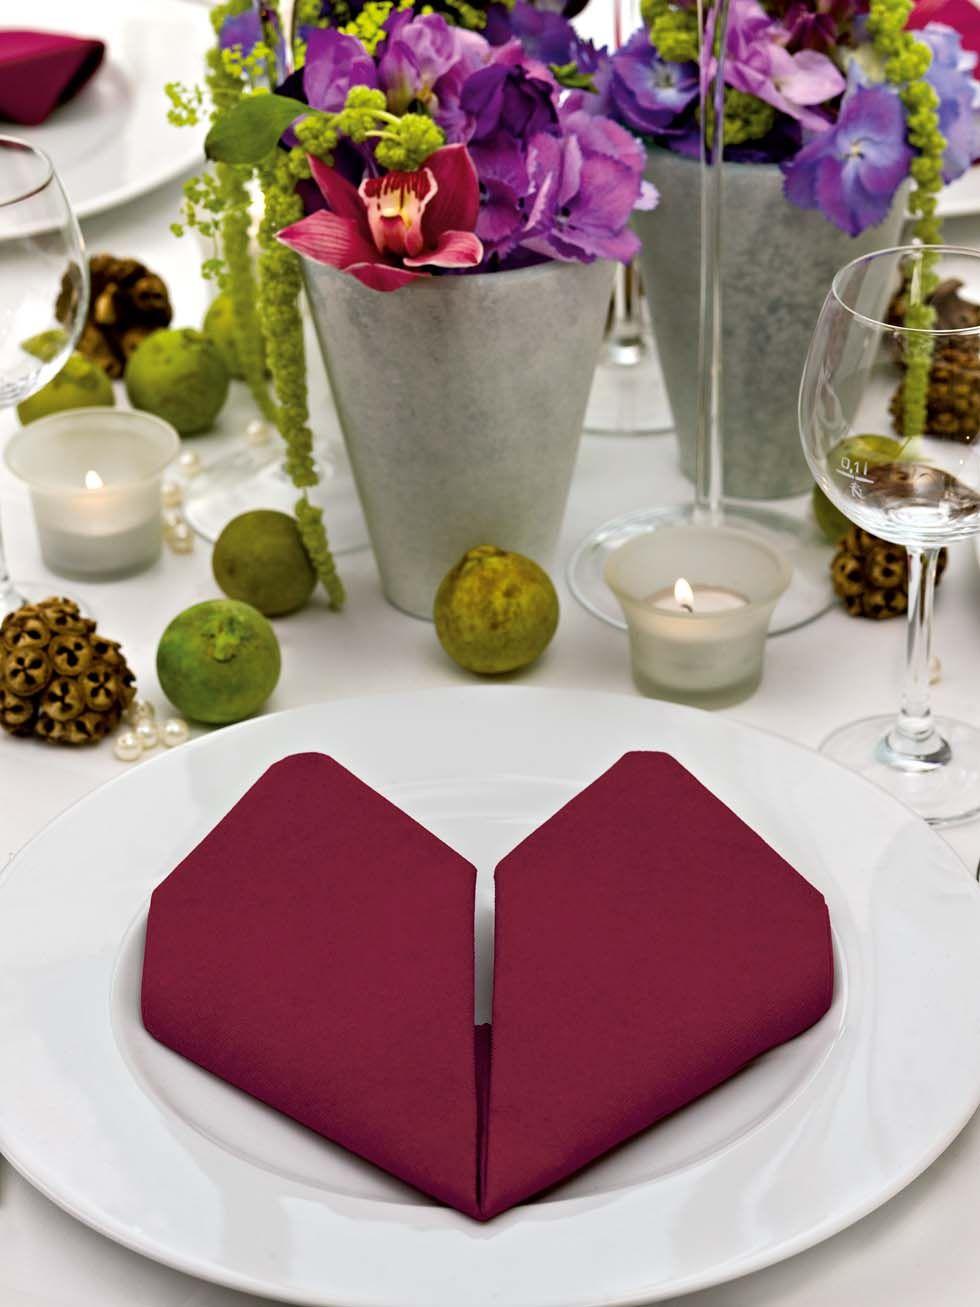 serviette zum herz falten basteln home herz falten servietten und hochzeitstag. Black Bedroom Furniture Sets. Home Design Ideas